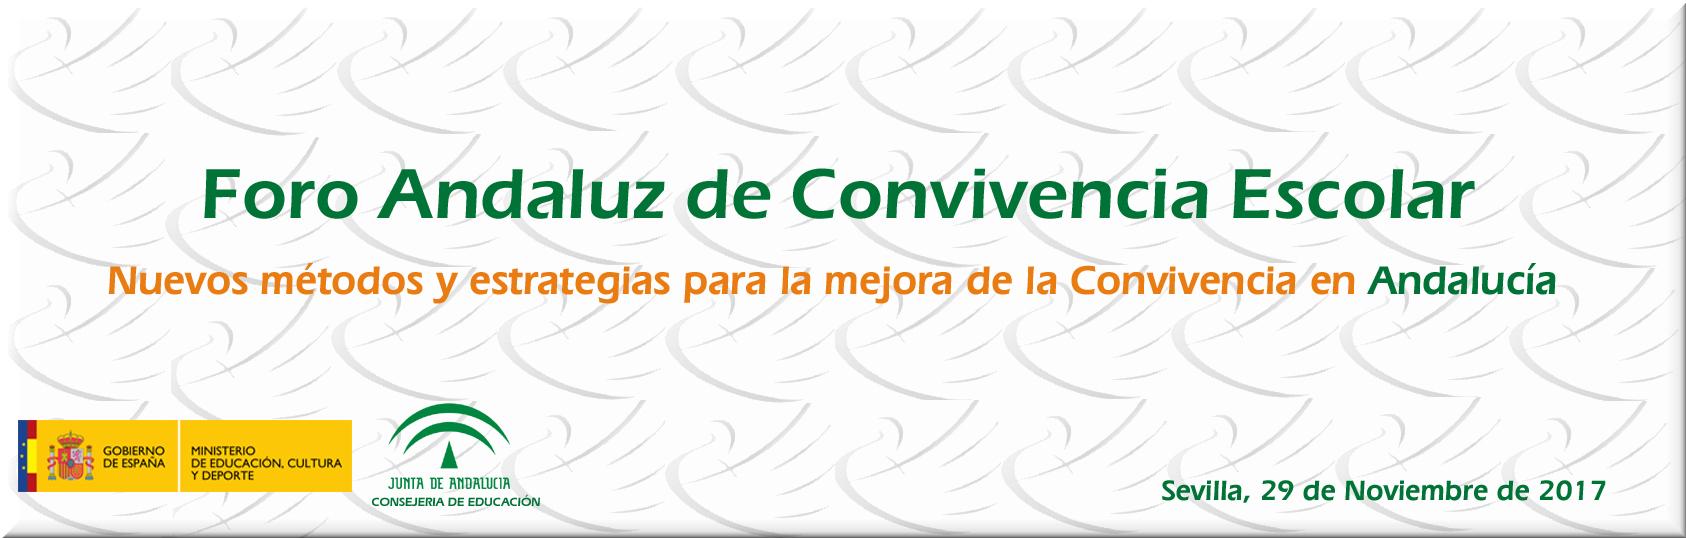 Foro Andaluz de Convivencia Escolar. 29 de noviembre de 2017 - Sevilla